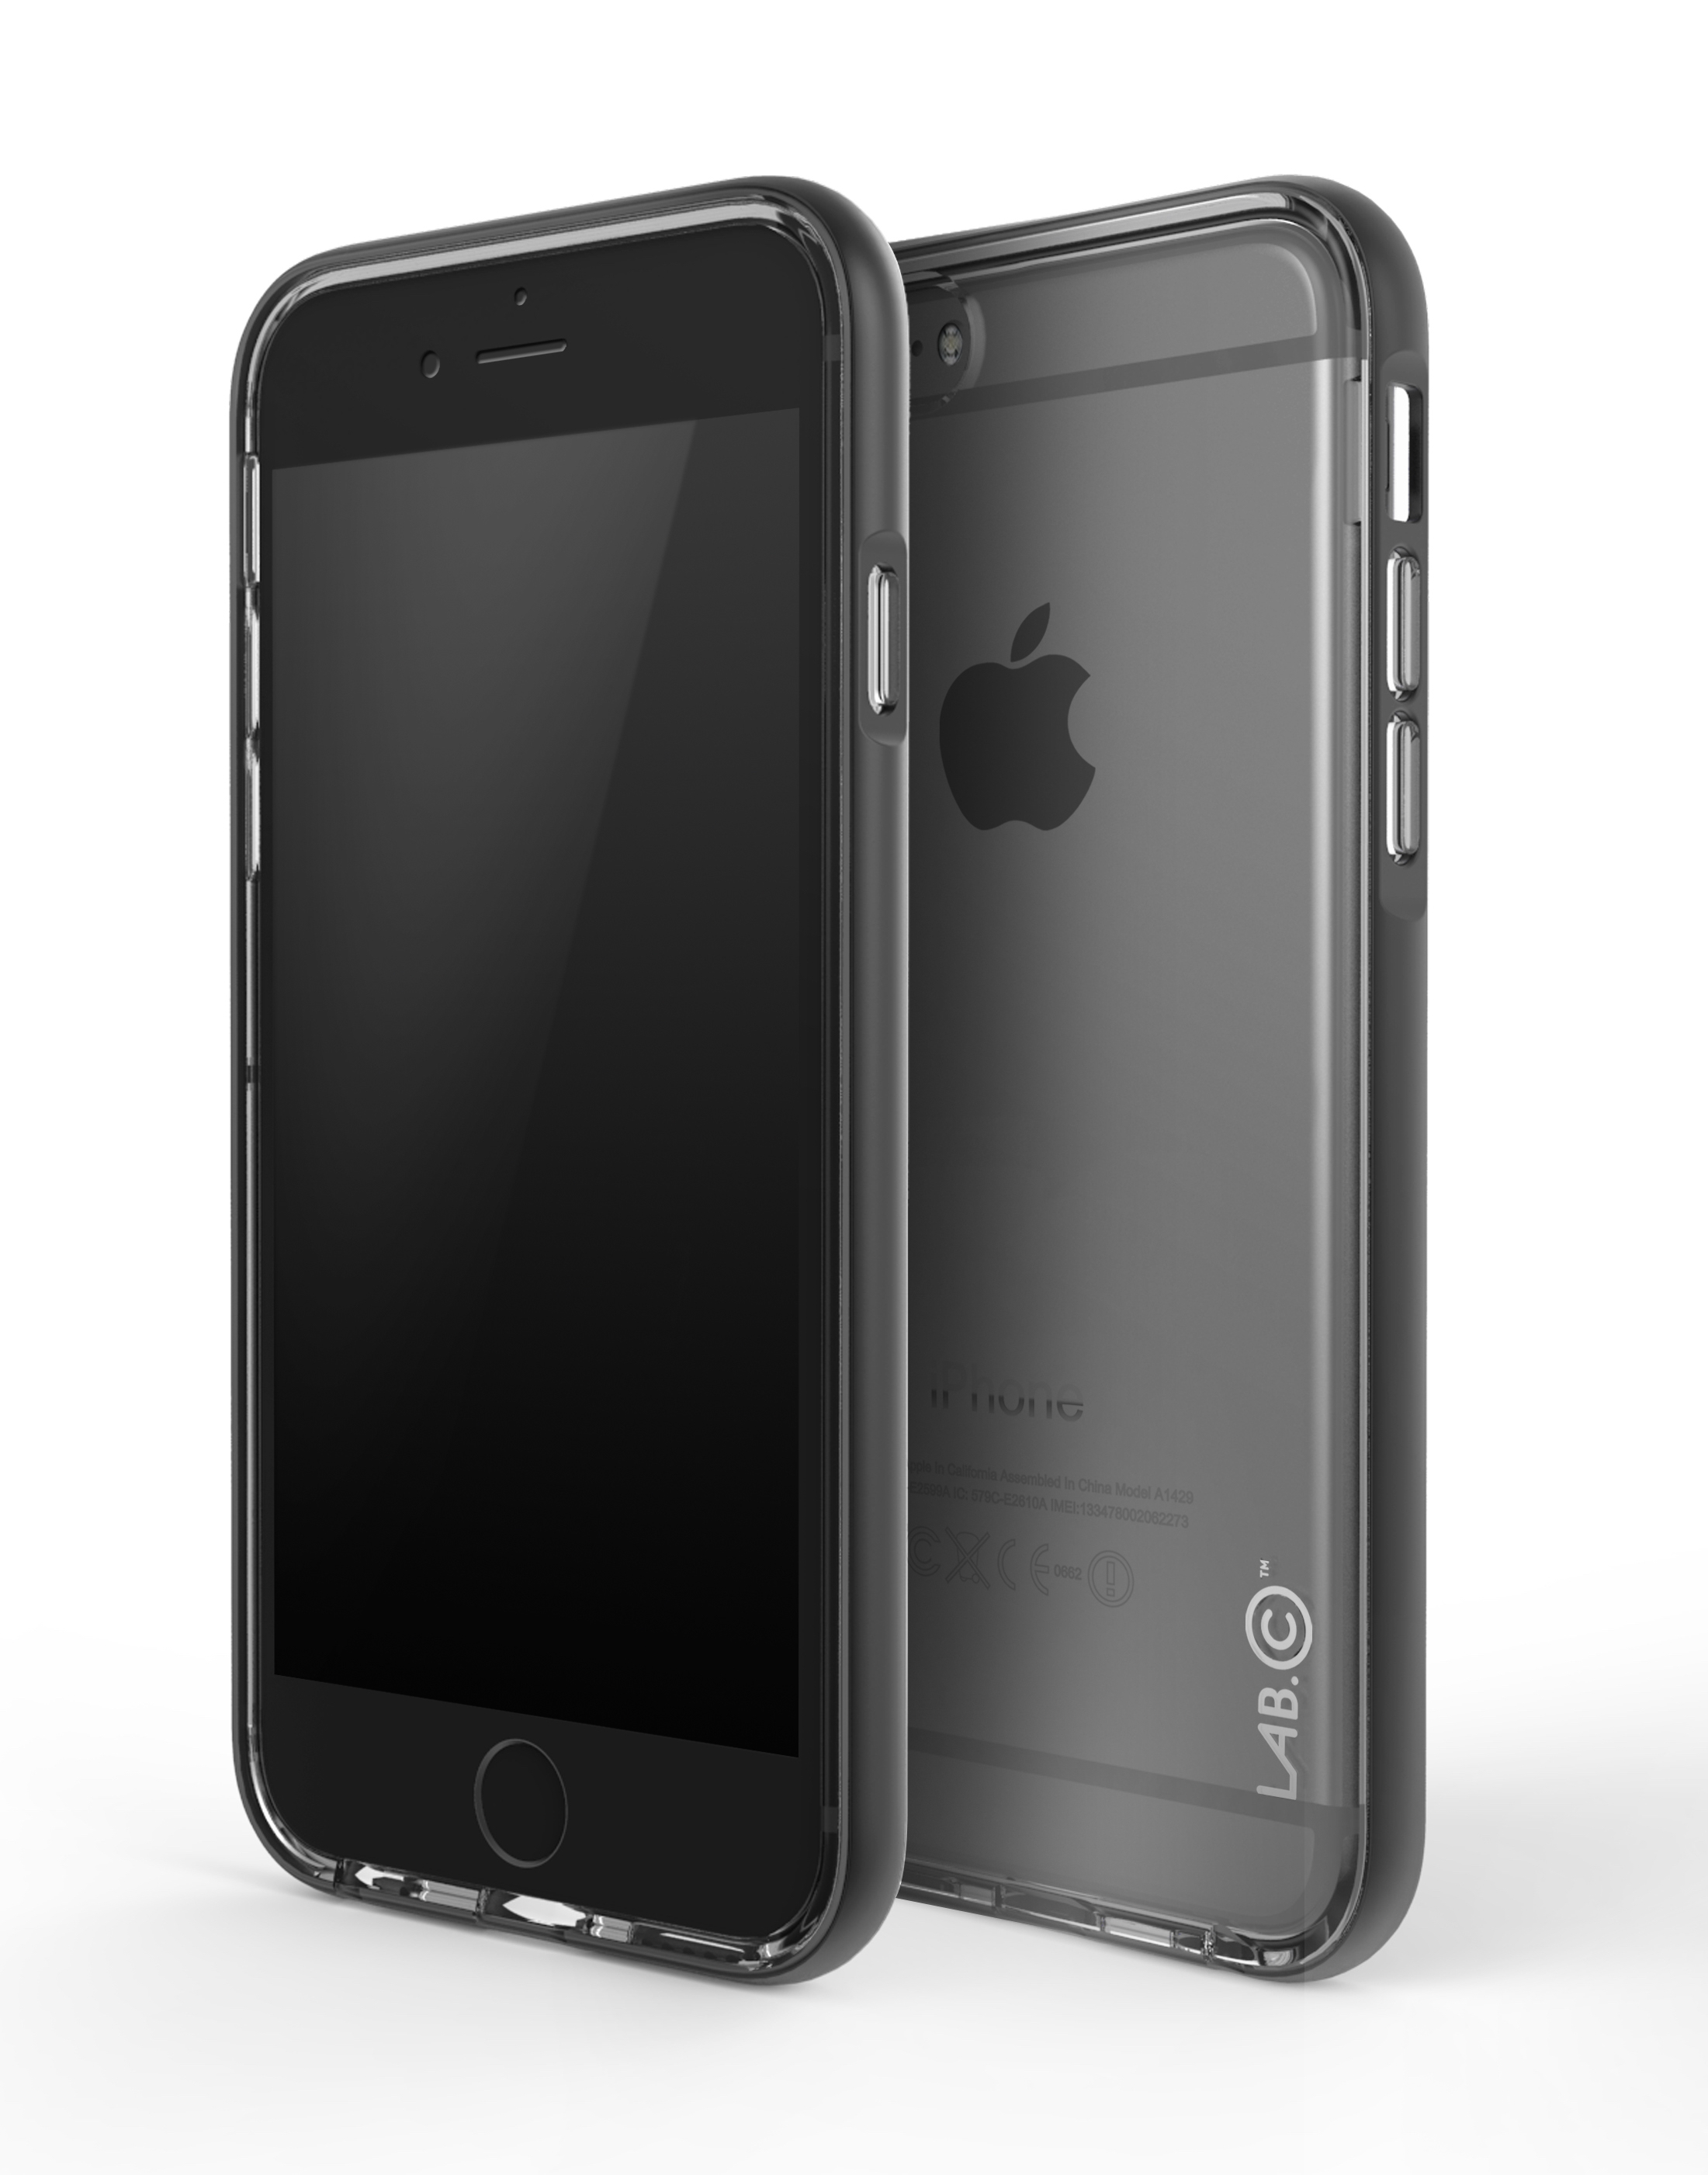 LAB.C Bumper Cushion kryt pro iPhone 6/6S Space Grey + vysoce kvalitní fólie na displej zdarma